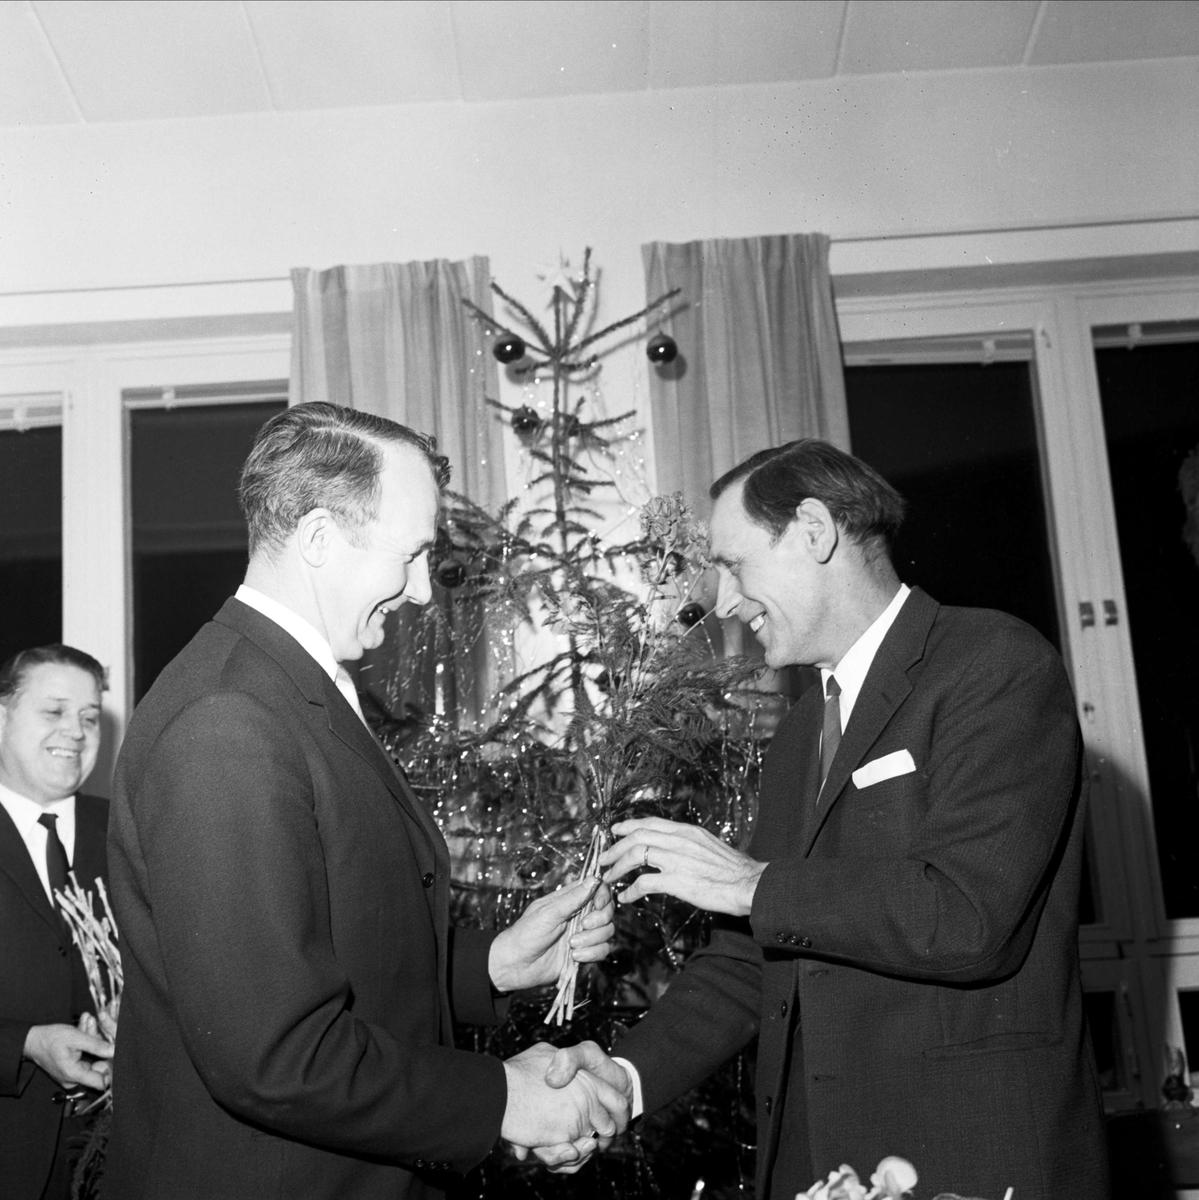 Avtackning av ledamöter i kommunfullmäktige som avgår, Tierp, Uppland 1966